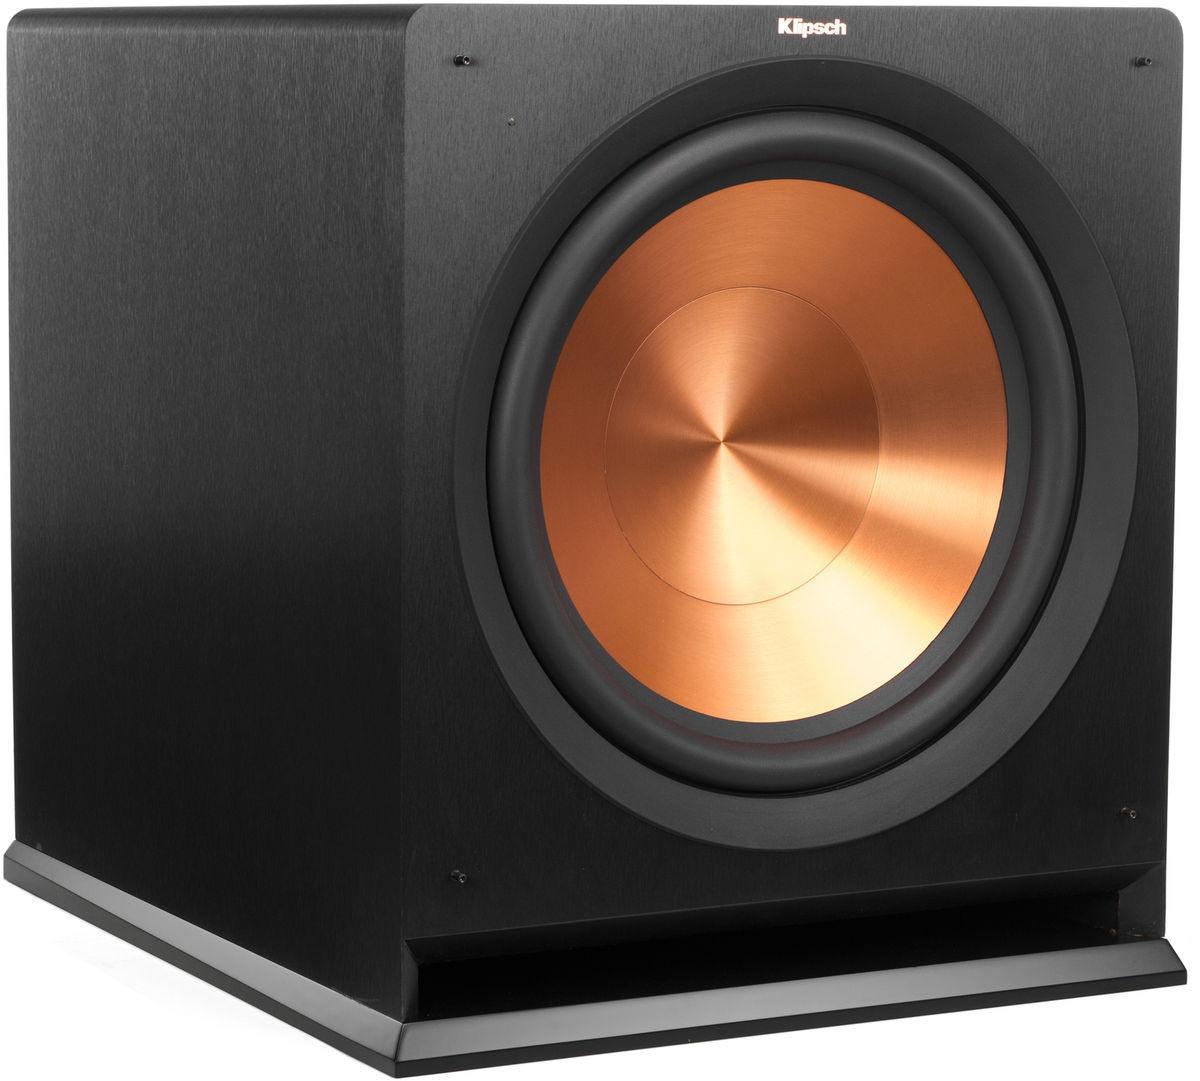 Caisson de Basses amplifié Bass-reflex Klipsch R-115SW - 400/800W, HP Cerametallic 38cm, SPL 122db, 18 Hz 125 Hz +/-3 dB, 495 x 546 x 566 mm (34,2Kg)